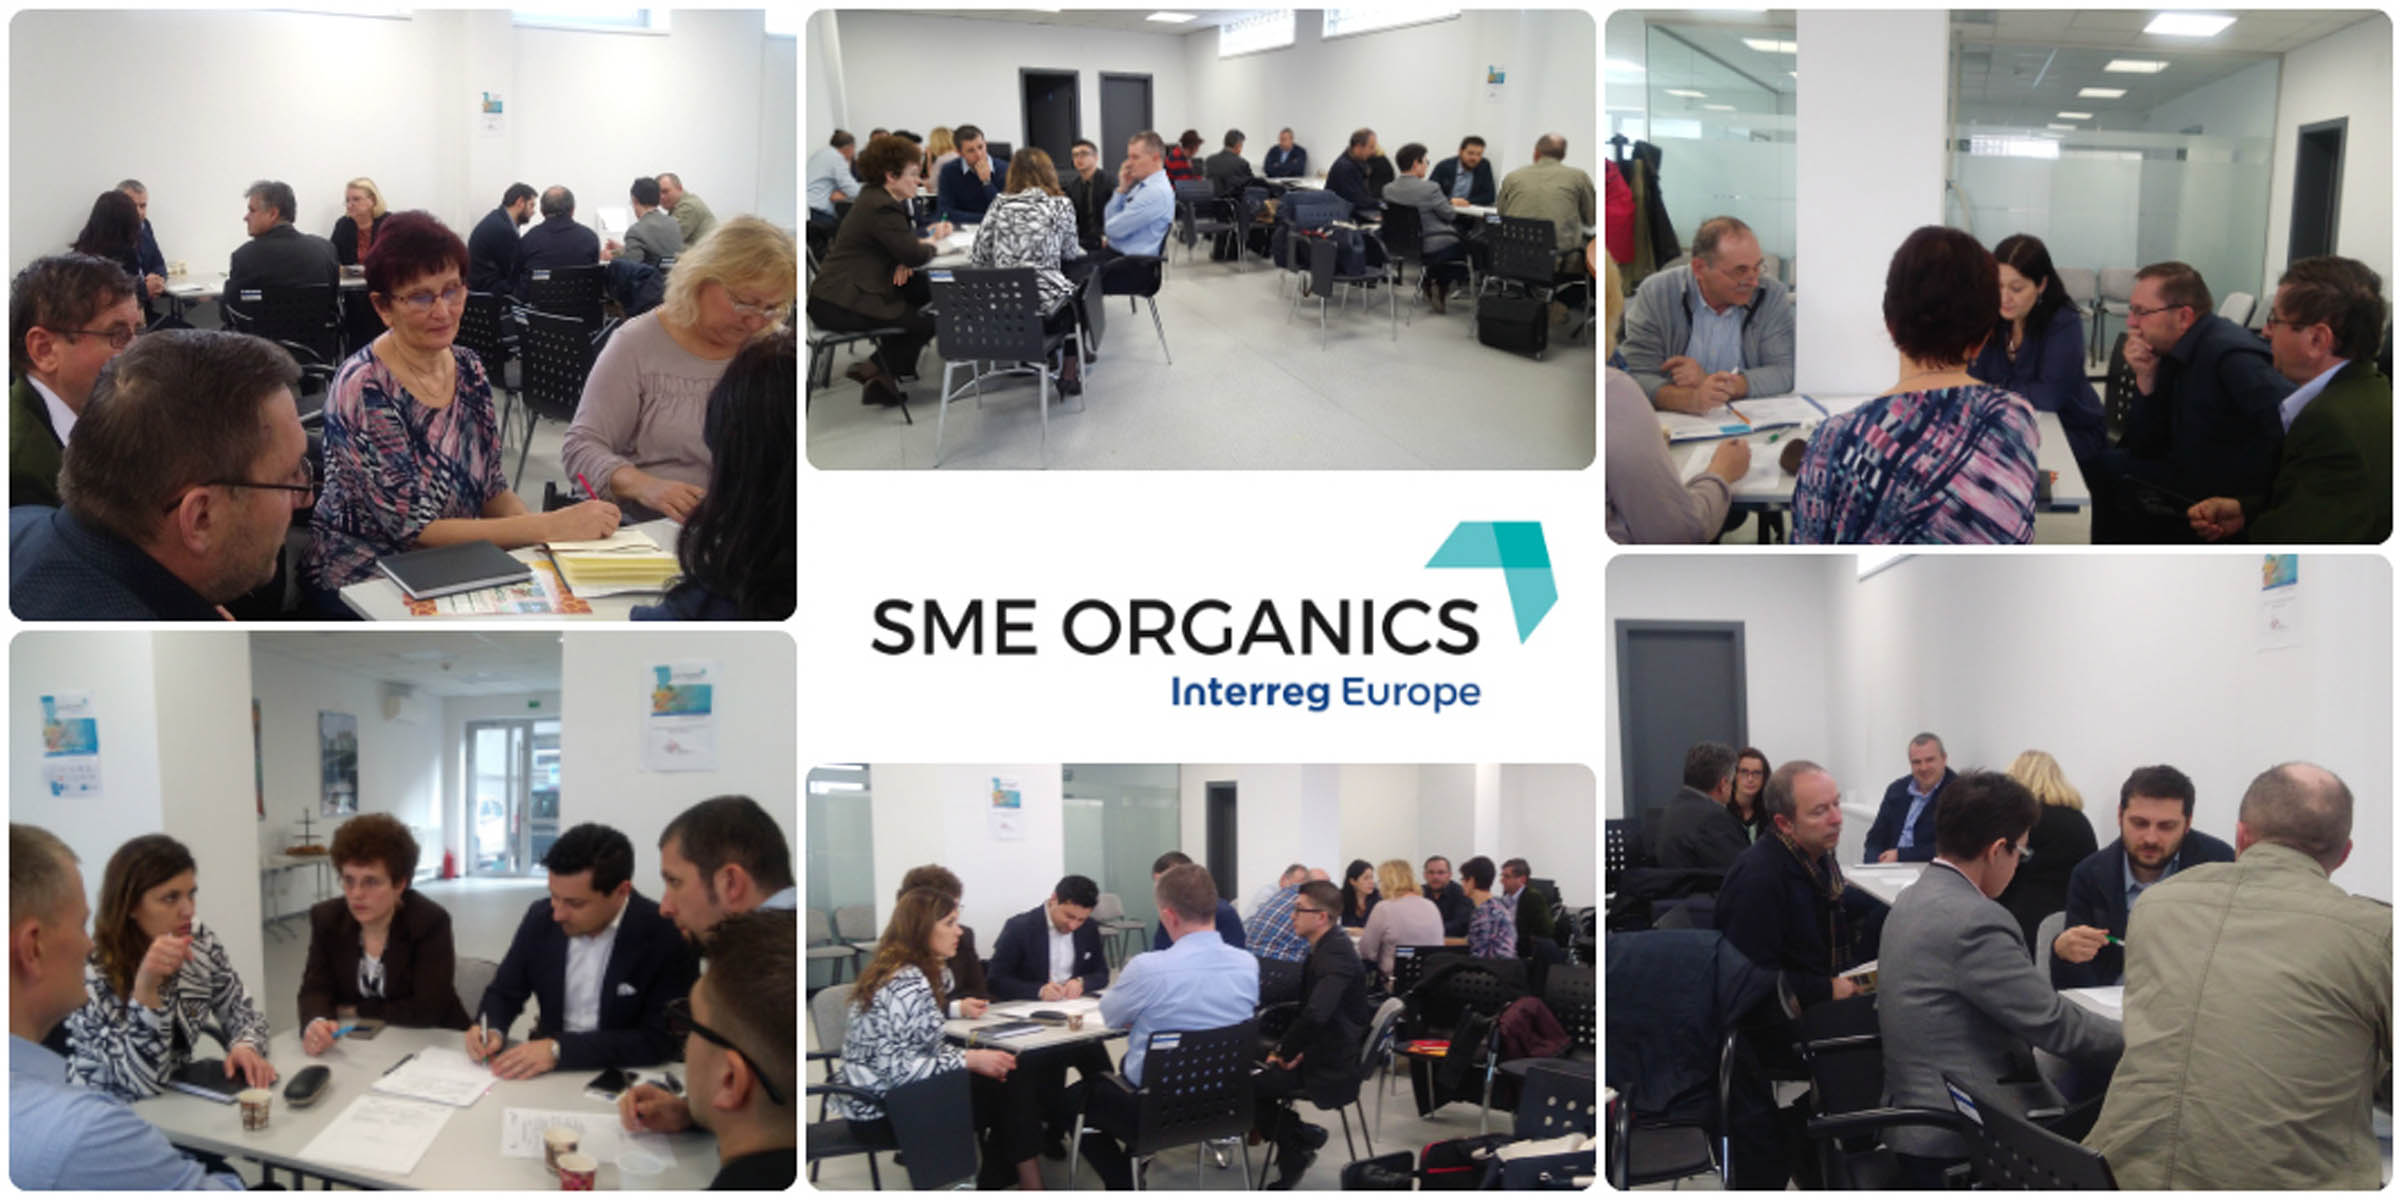 Intalnirea Comitetului Regional de Reprezentanti SME Organics acppa crisana asociatia crisana oradea (1)